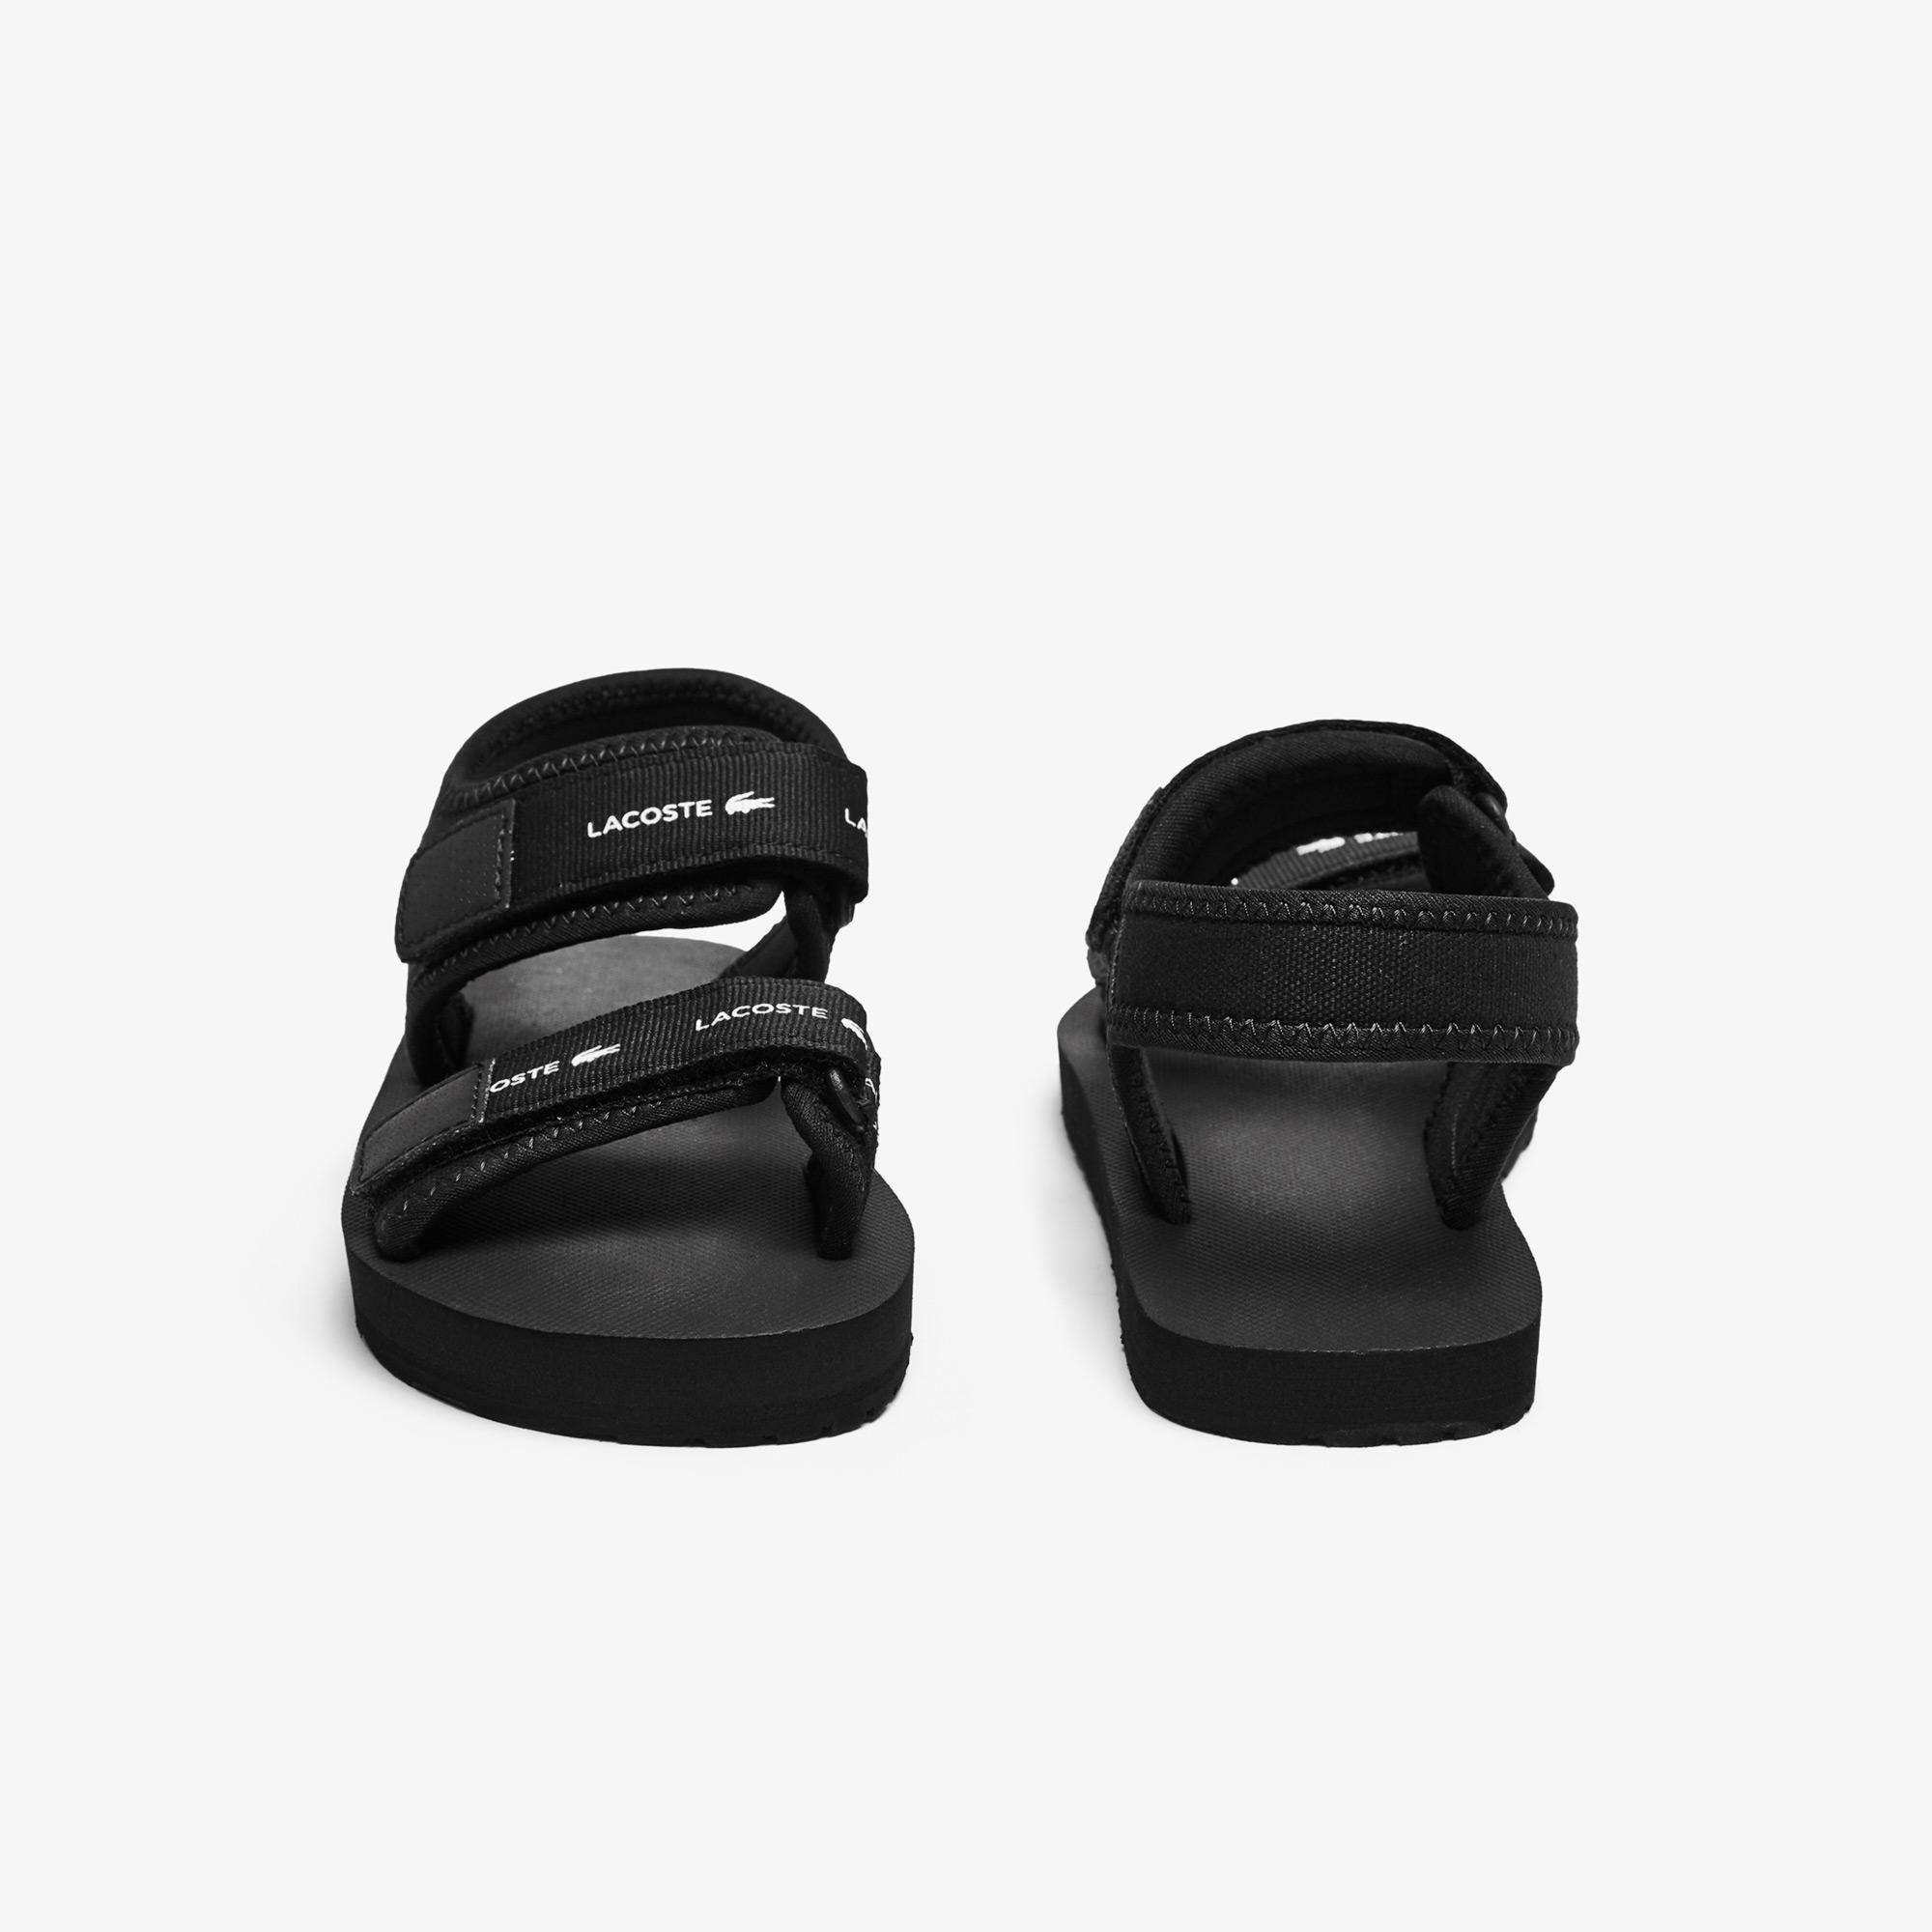 Lacoste кросівки дитячі